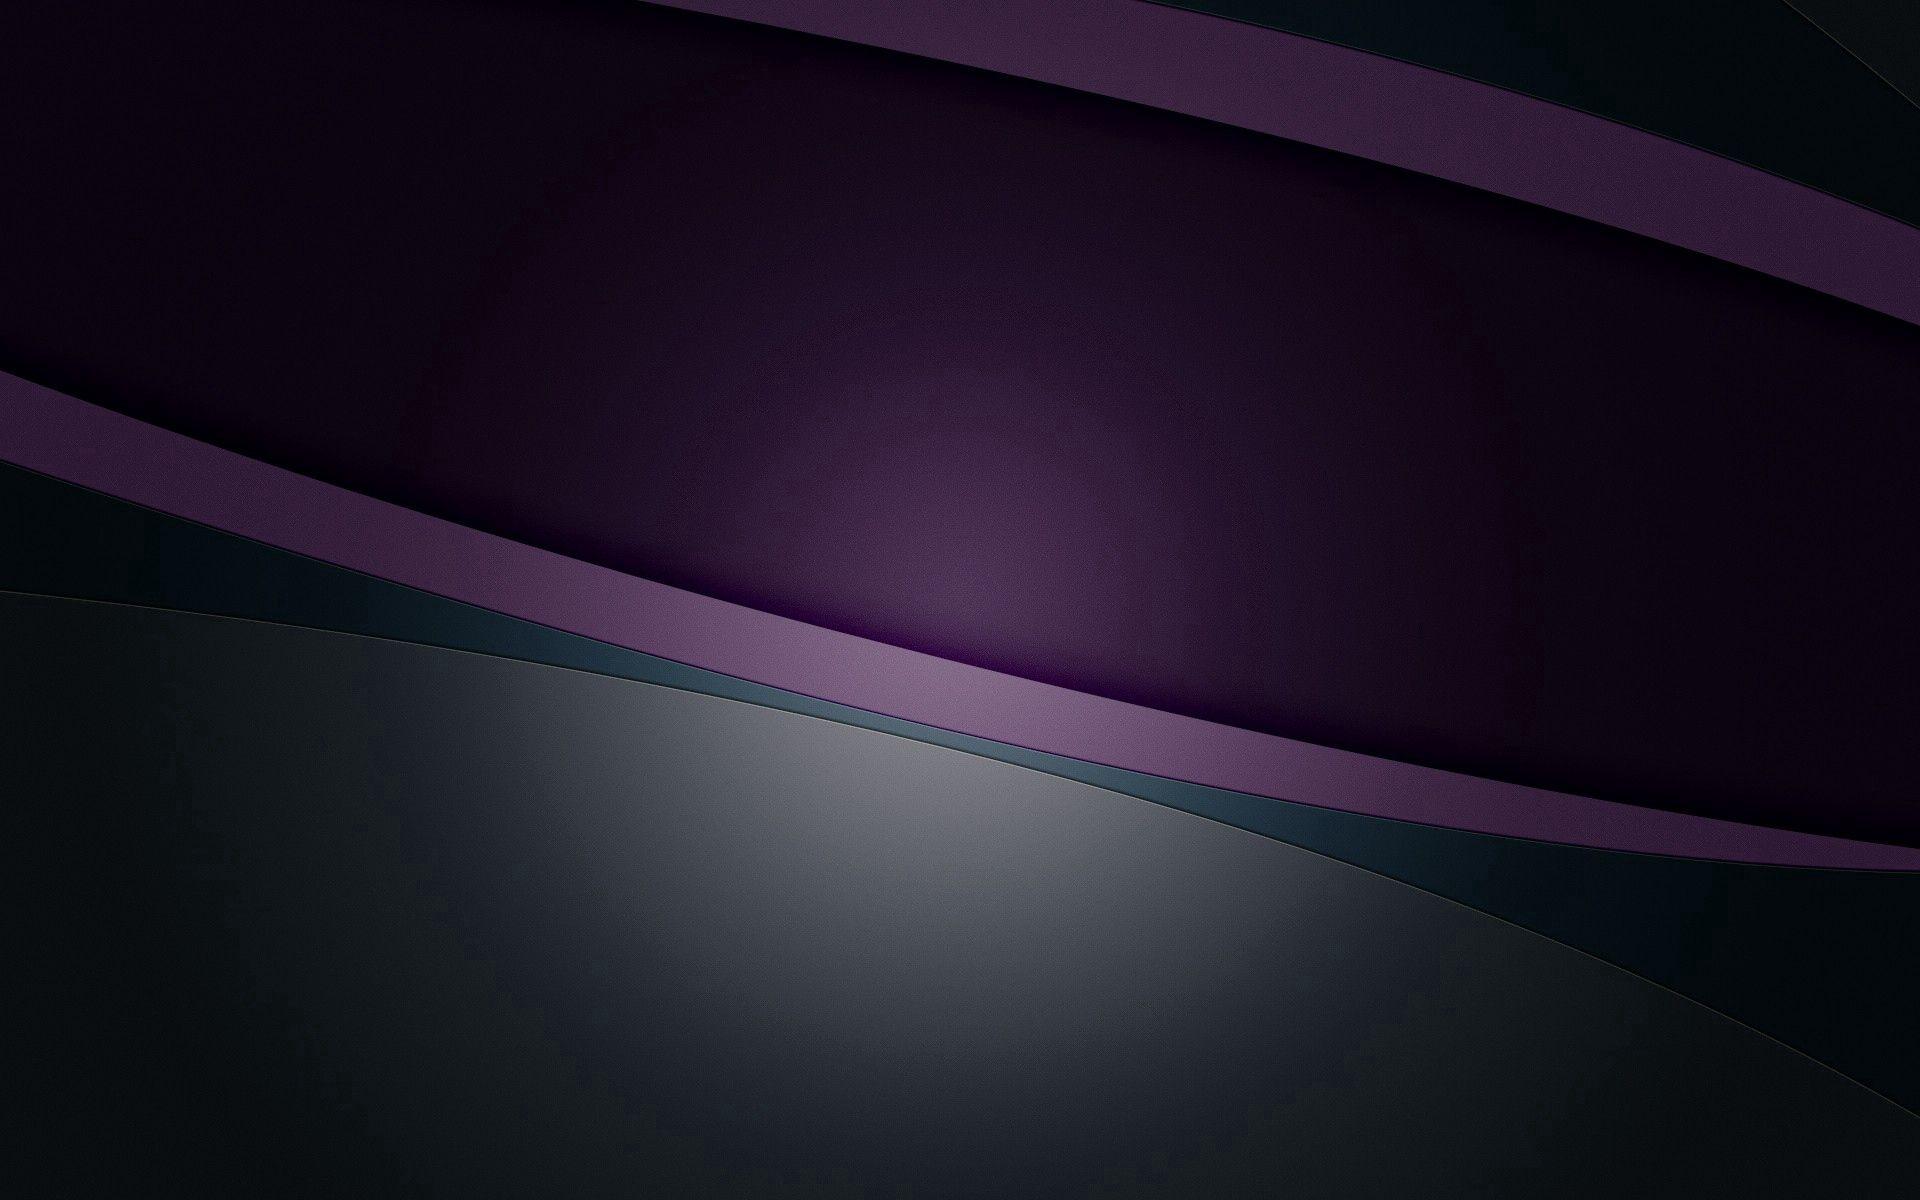 135551 скачать обои Абстракция, Тень, Линии, Форма, Серый, Фиолетовый - заставки и картинки бесплатно